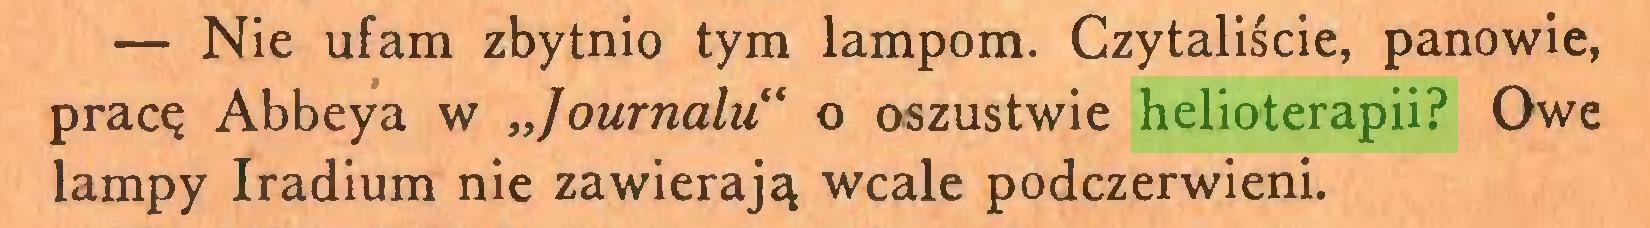 """(...) — Nie ufam zbytnio tym lampom. Czytaliście, panowie, pracę Abbeya w """"Journalu"""" o oszustwie helioterapii? Owe lampy Iradium nie zawierają wcale podczerwieni..."""